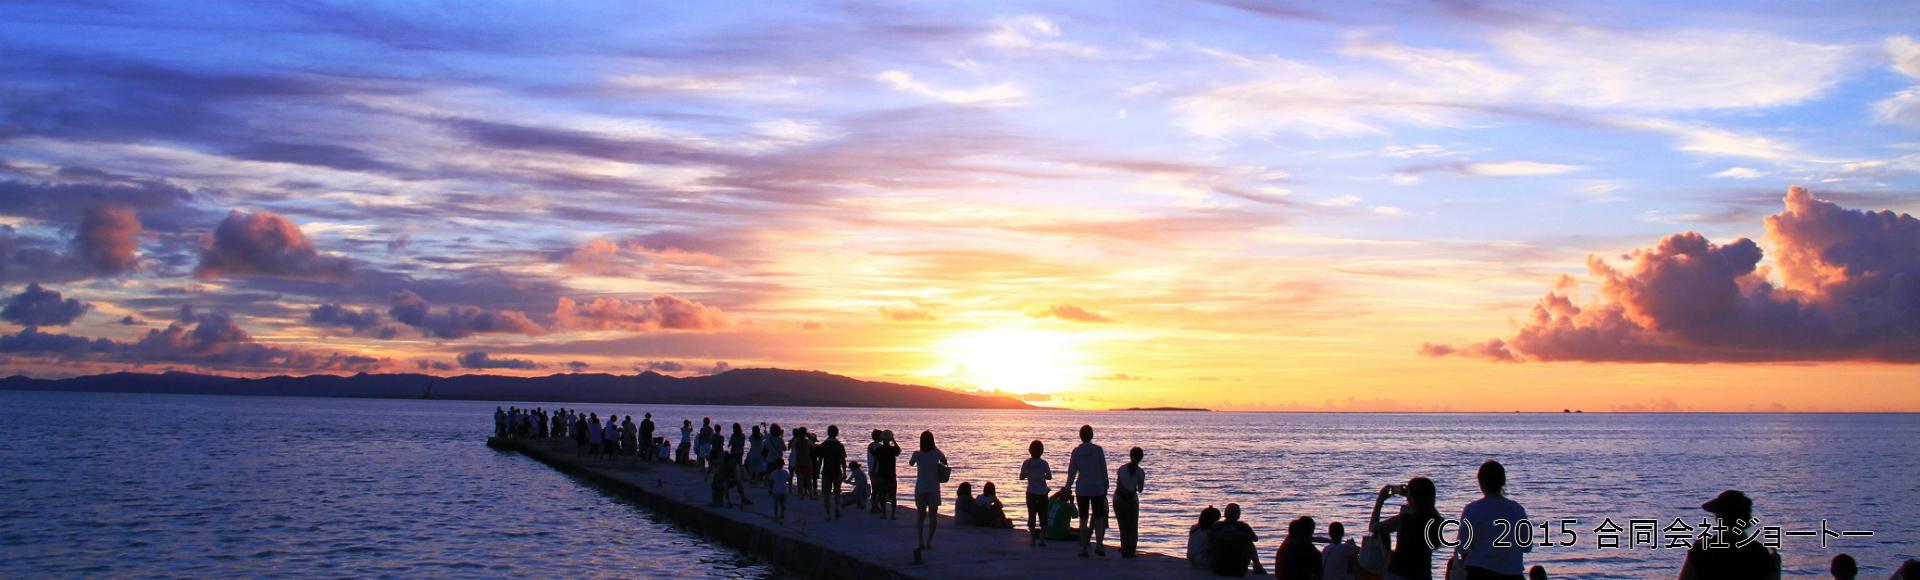 沖縄から伝統芸能とシステムサービスを提供